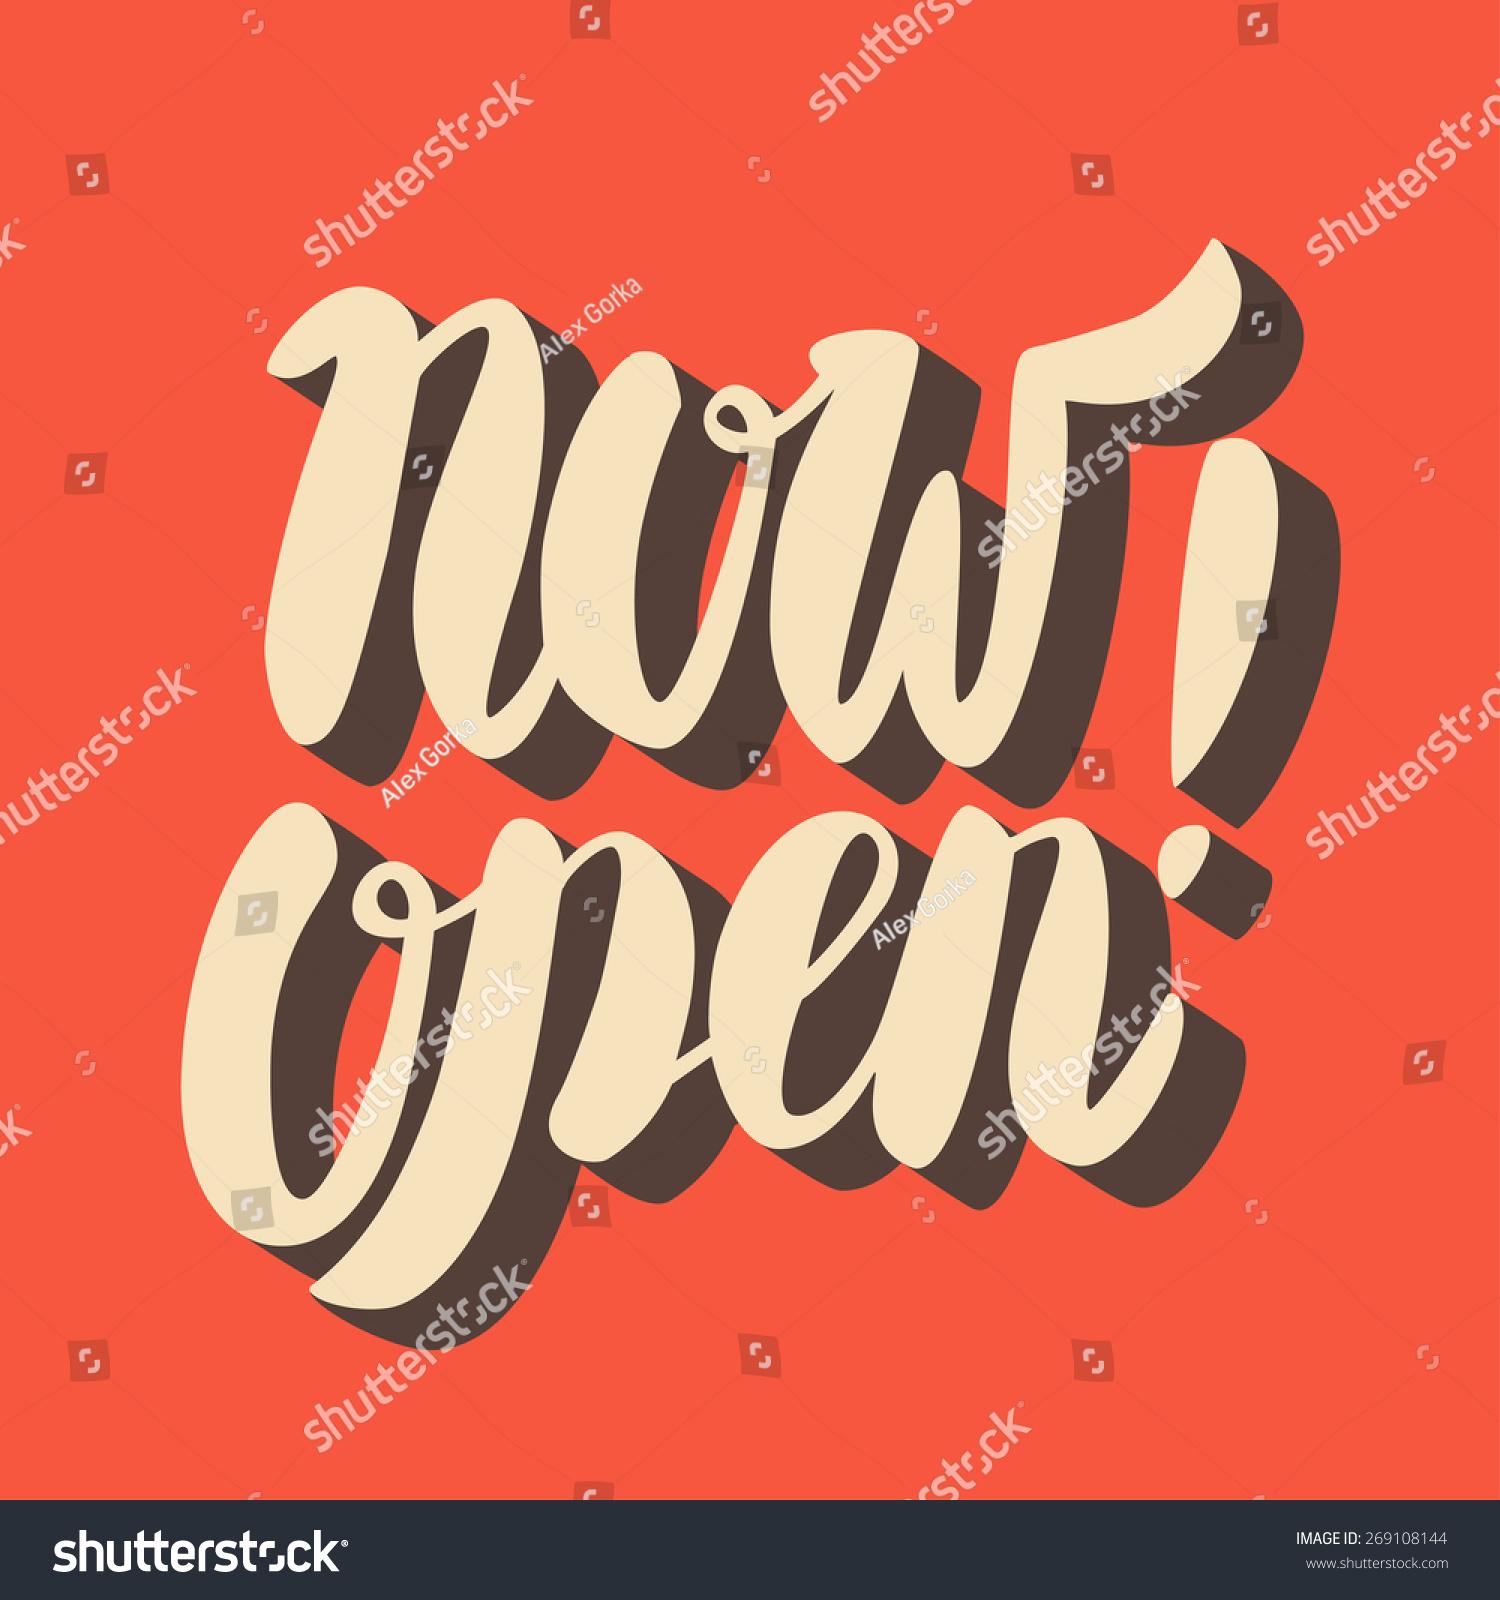 Now open sign. #269108144 - Larastock